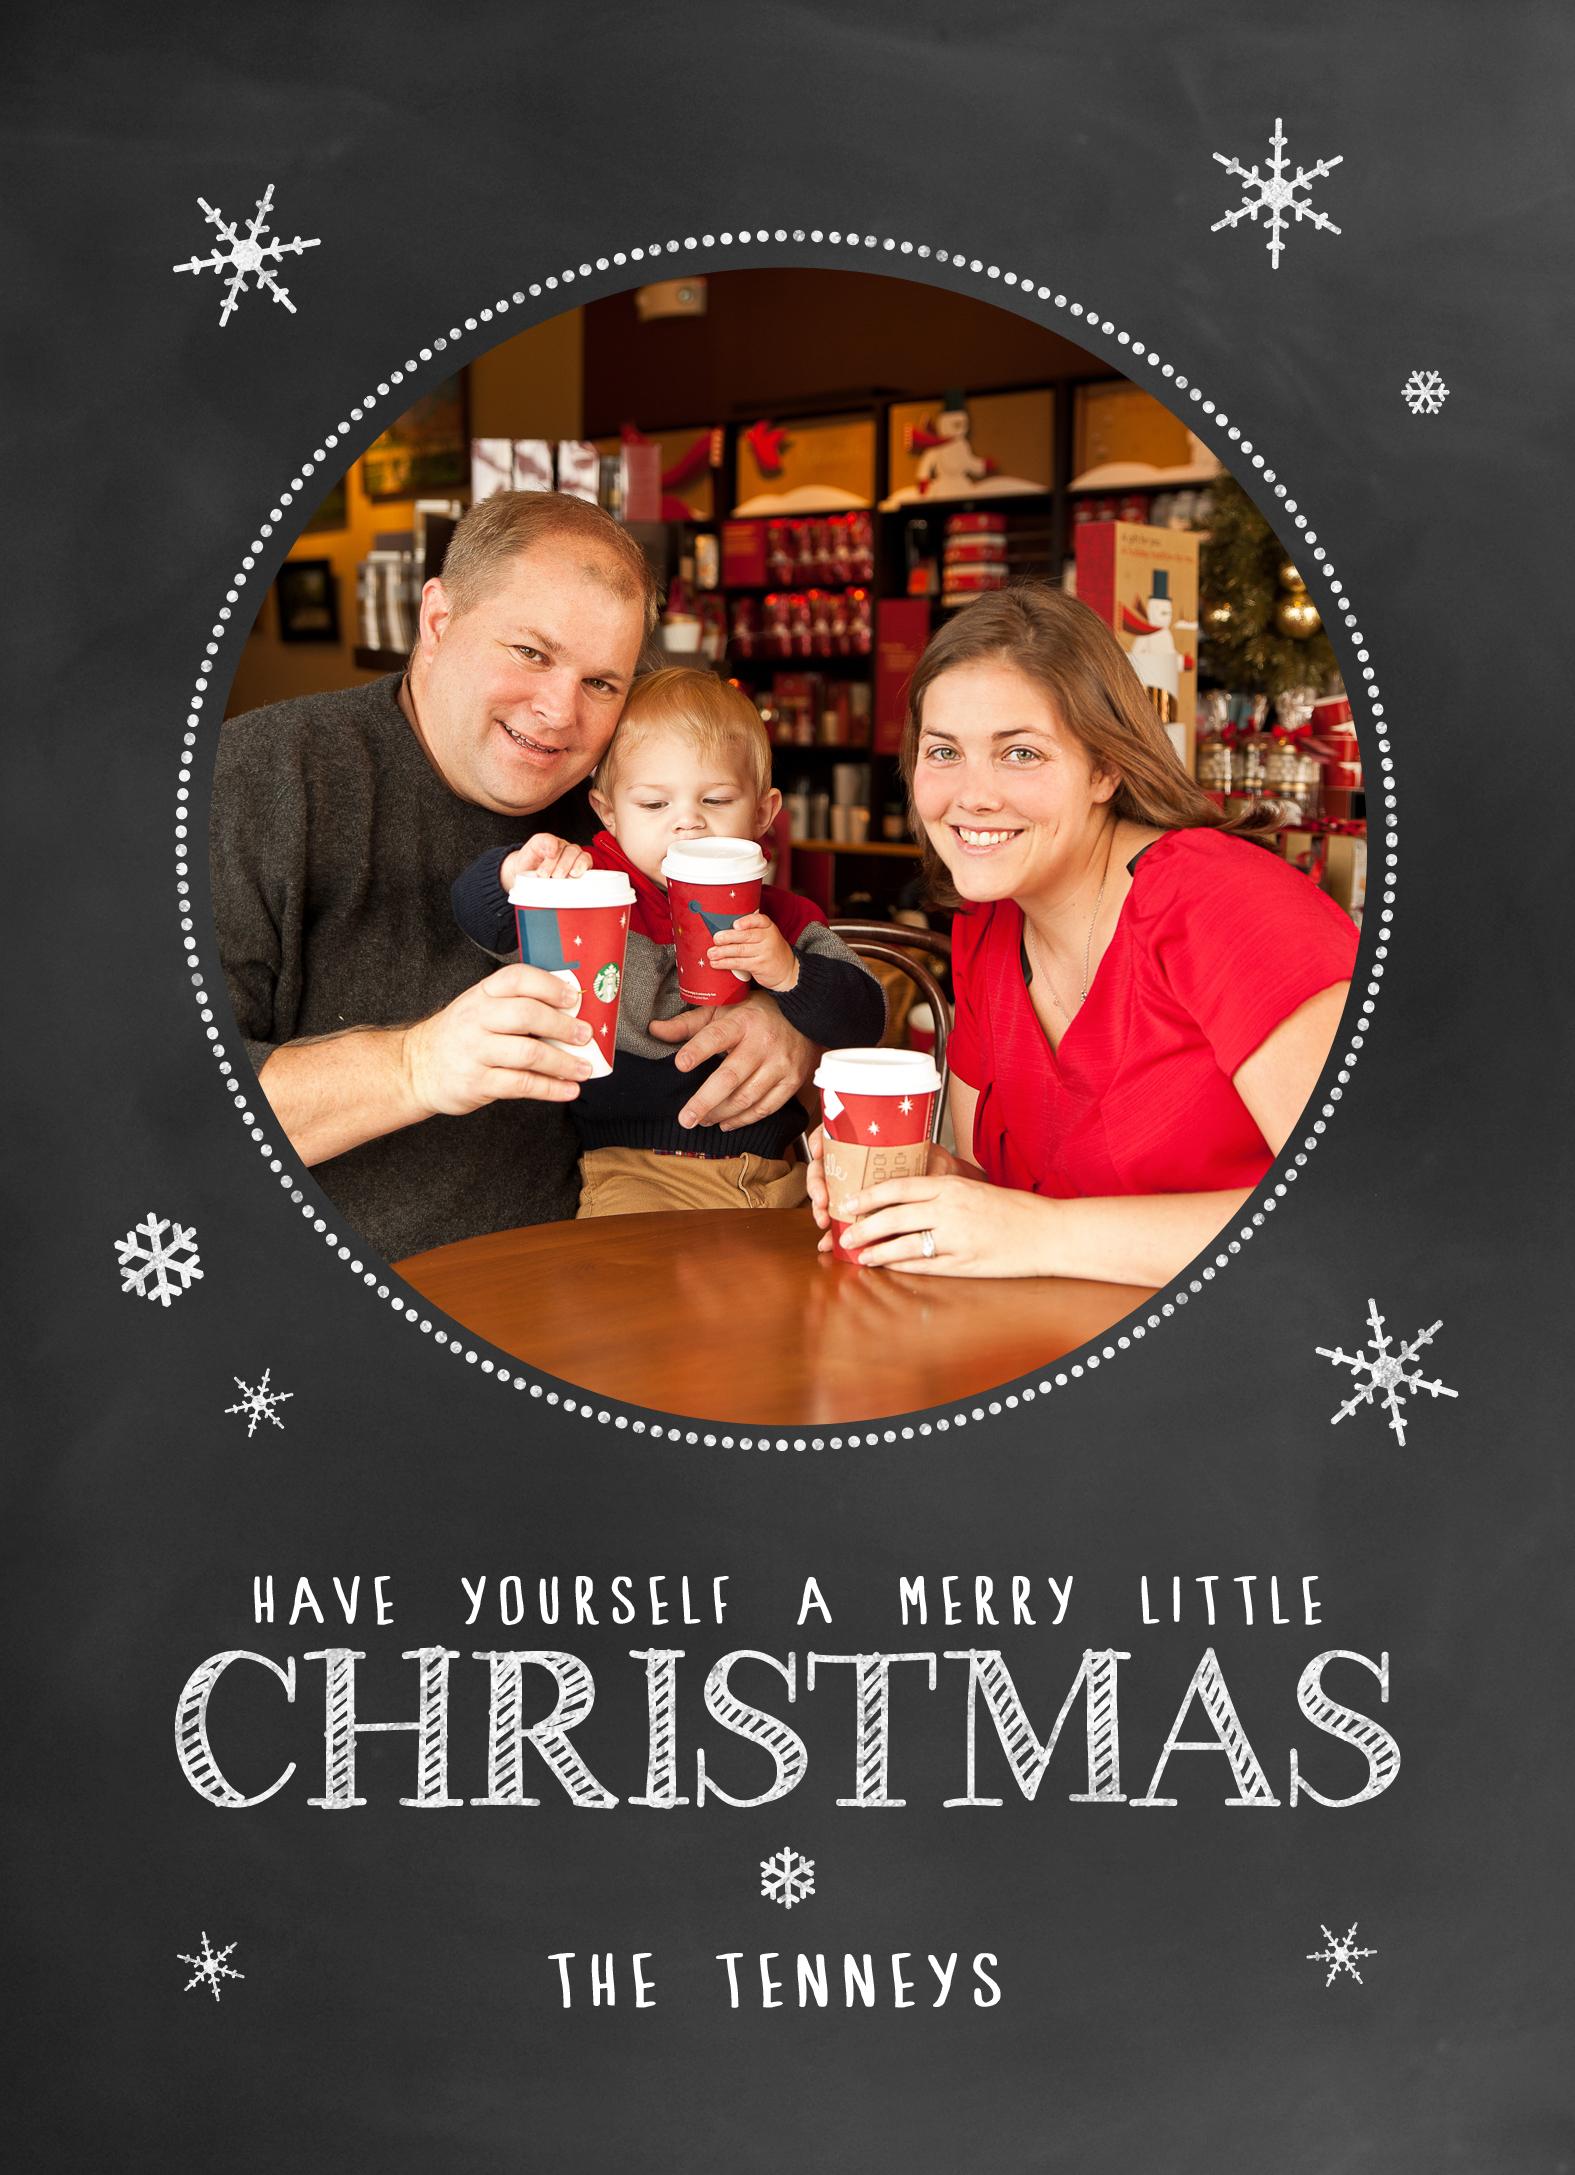 Christmas Card Back 2012